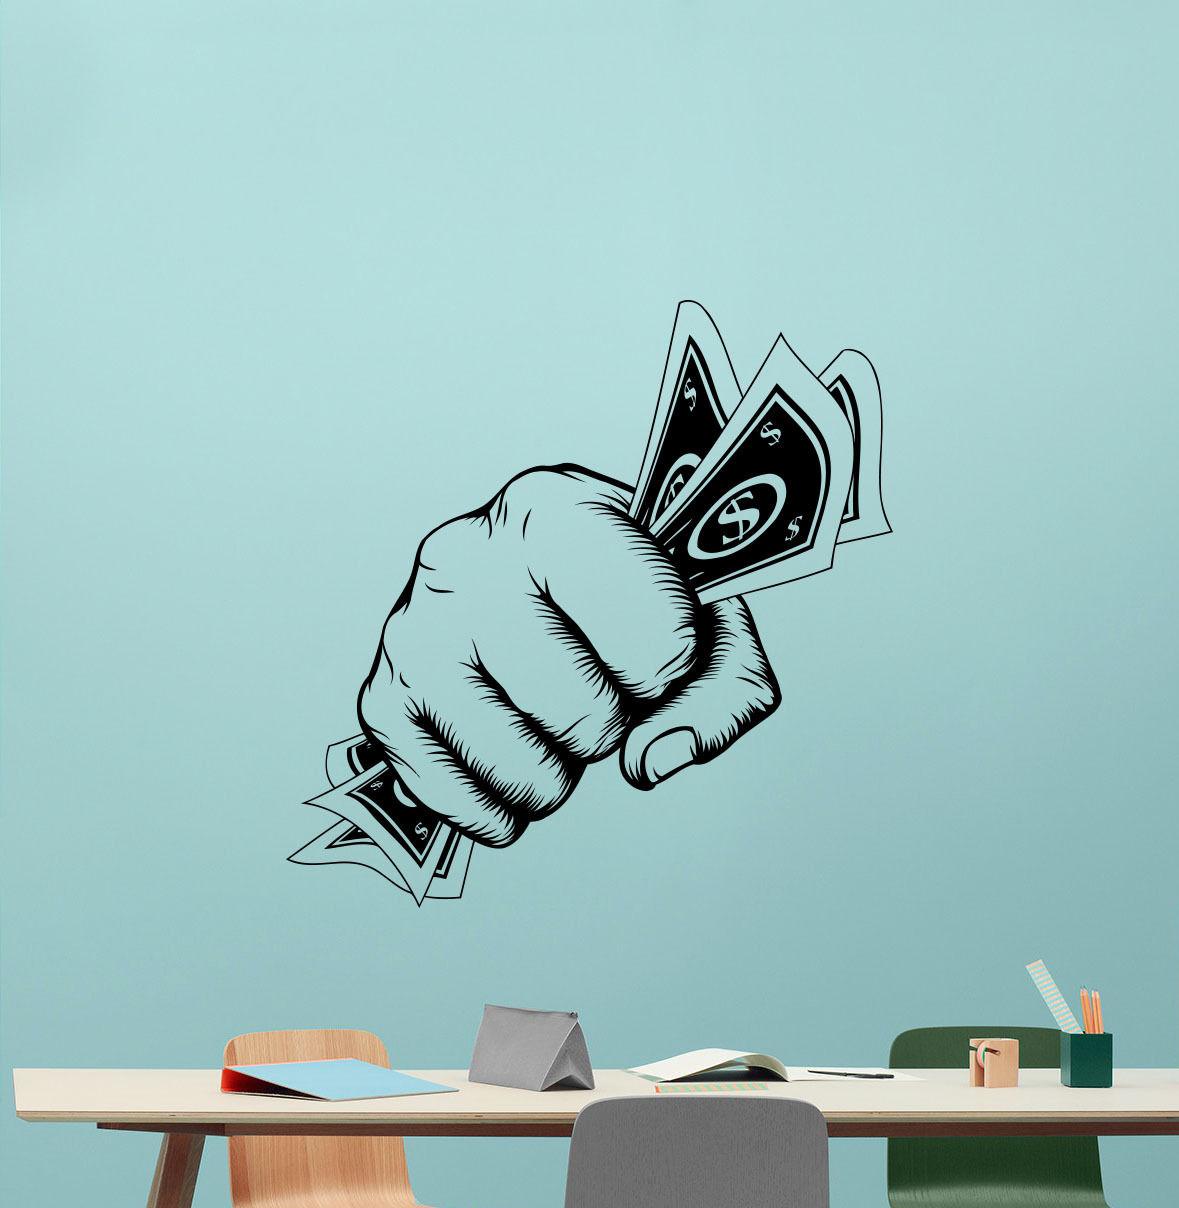 Деньги рука настенные доллар офис Винил Стикеры Бизнес Декор вдохновляющие плакат дома стены наклейки Съемный росписи e539 ...